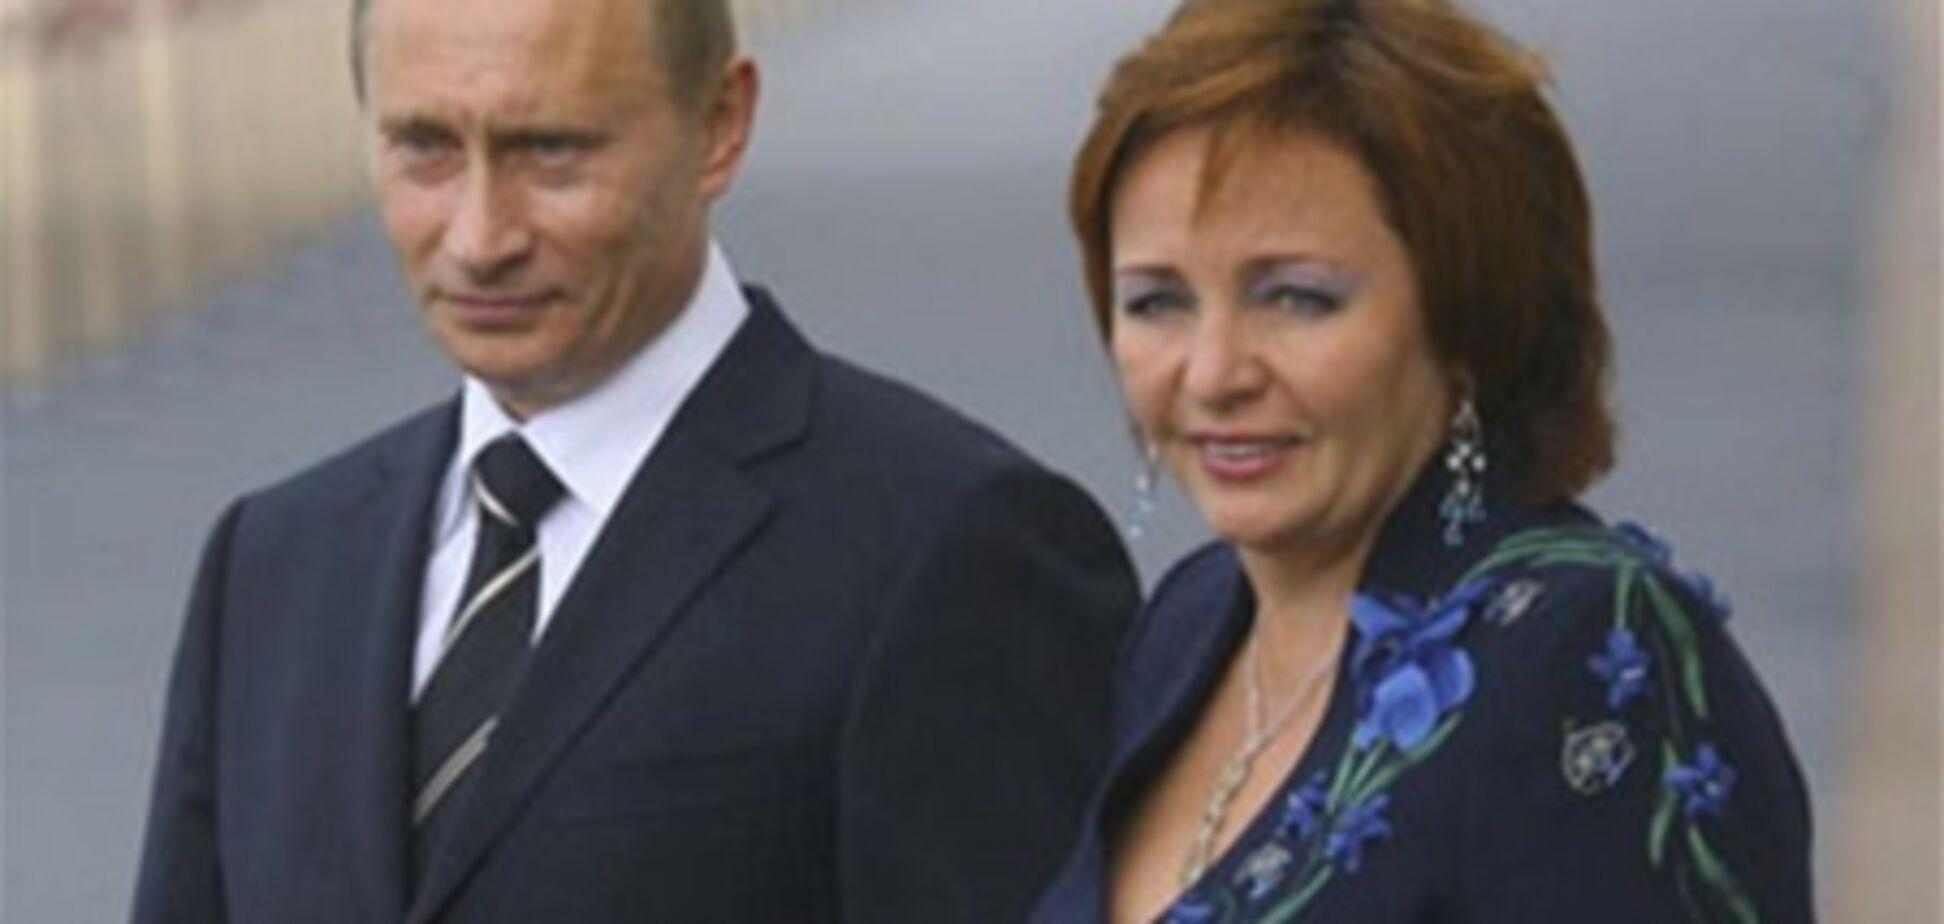 У сім'ї Путіна очікується поповнення?